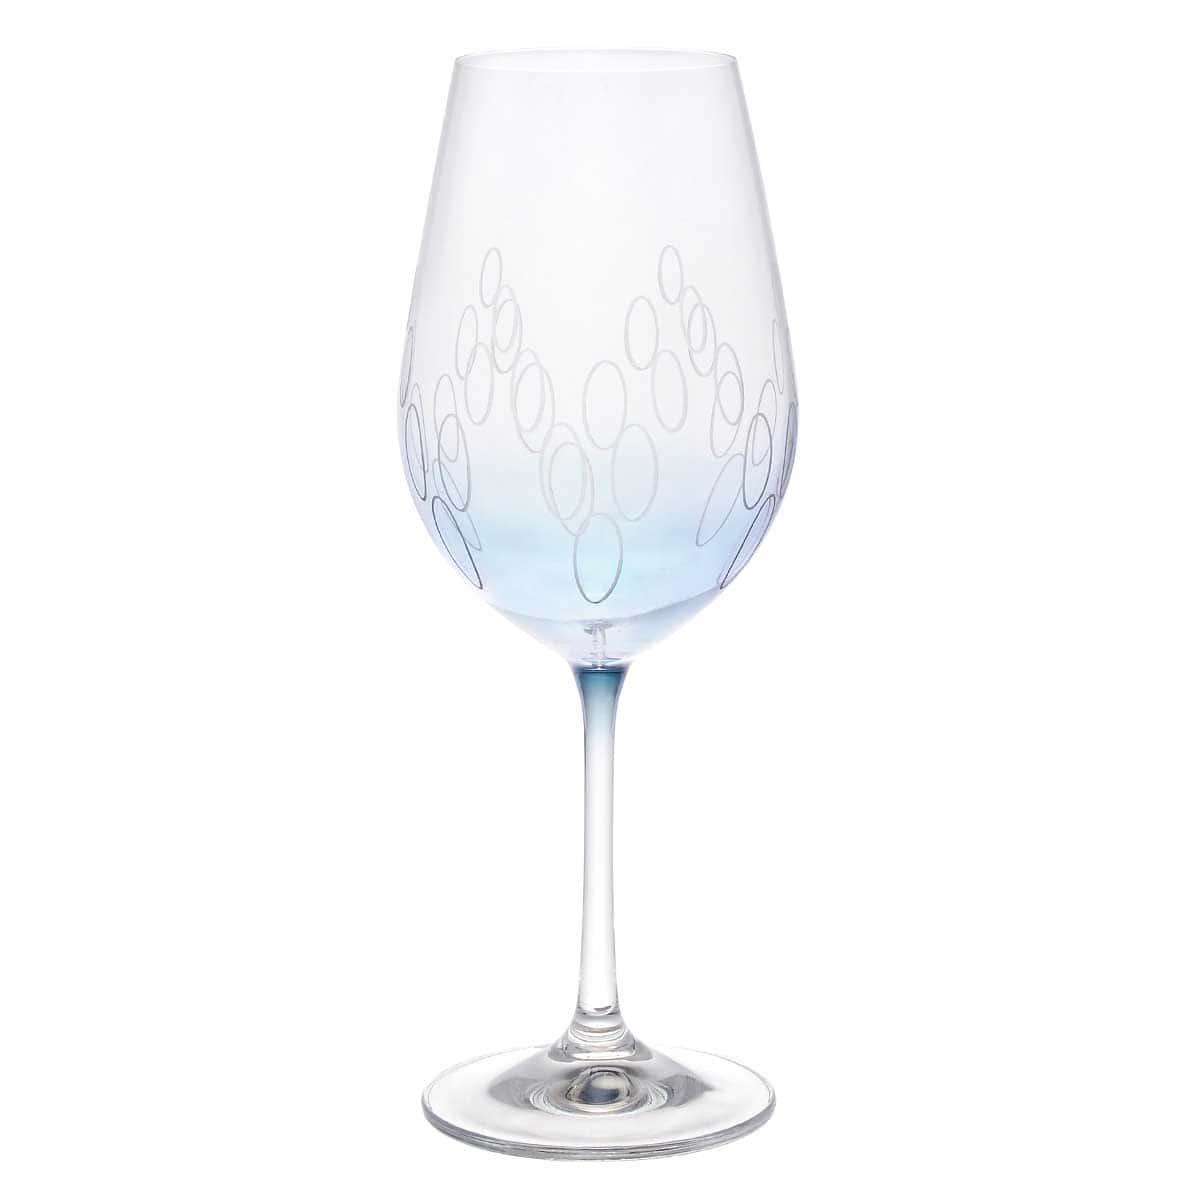 Набор бокалов для вина Арлекино Crystalex 450 мл (6 шт) голубые